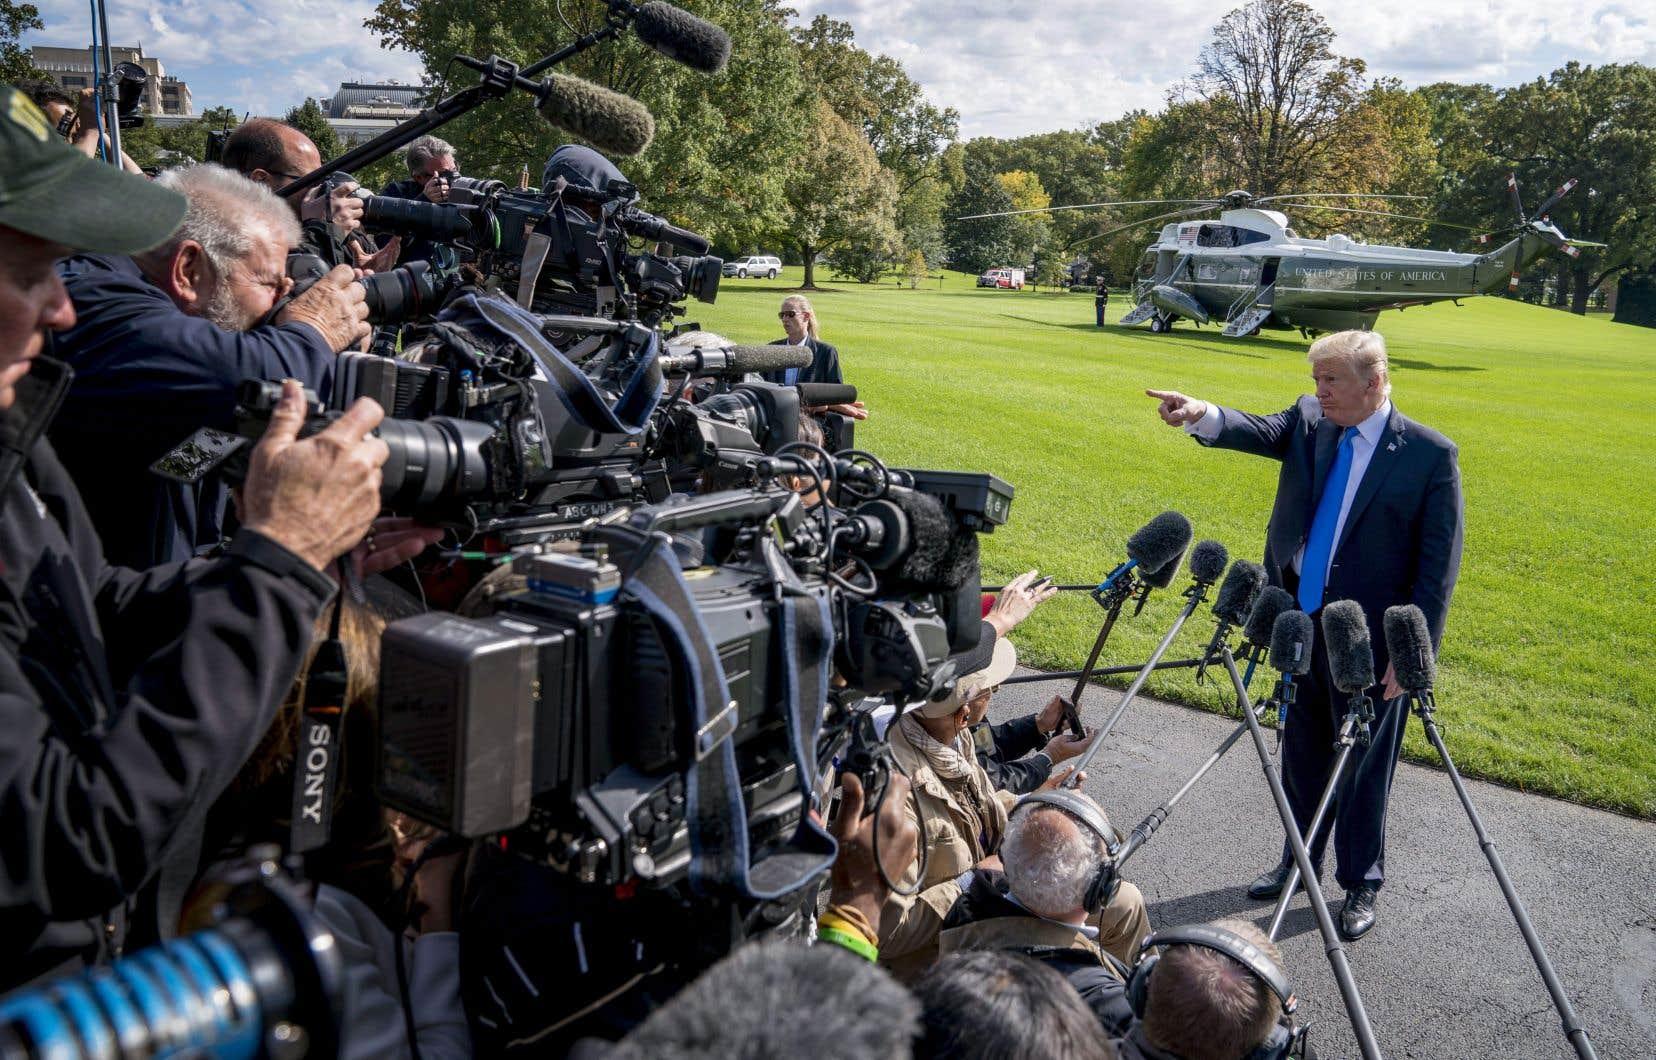 Le président Donald Trump face aux journalistes. Les philanthro-journalistes estiment que le journalisme américain tel qu'il est actuellement pratiqué court à sa perte, rapporte l'auteur.